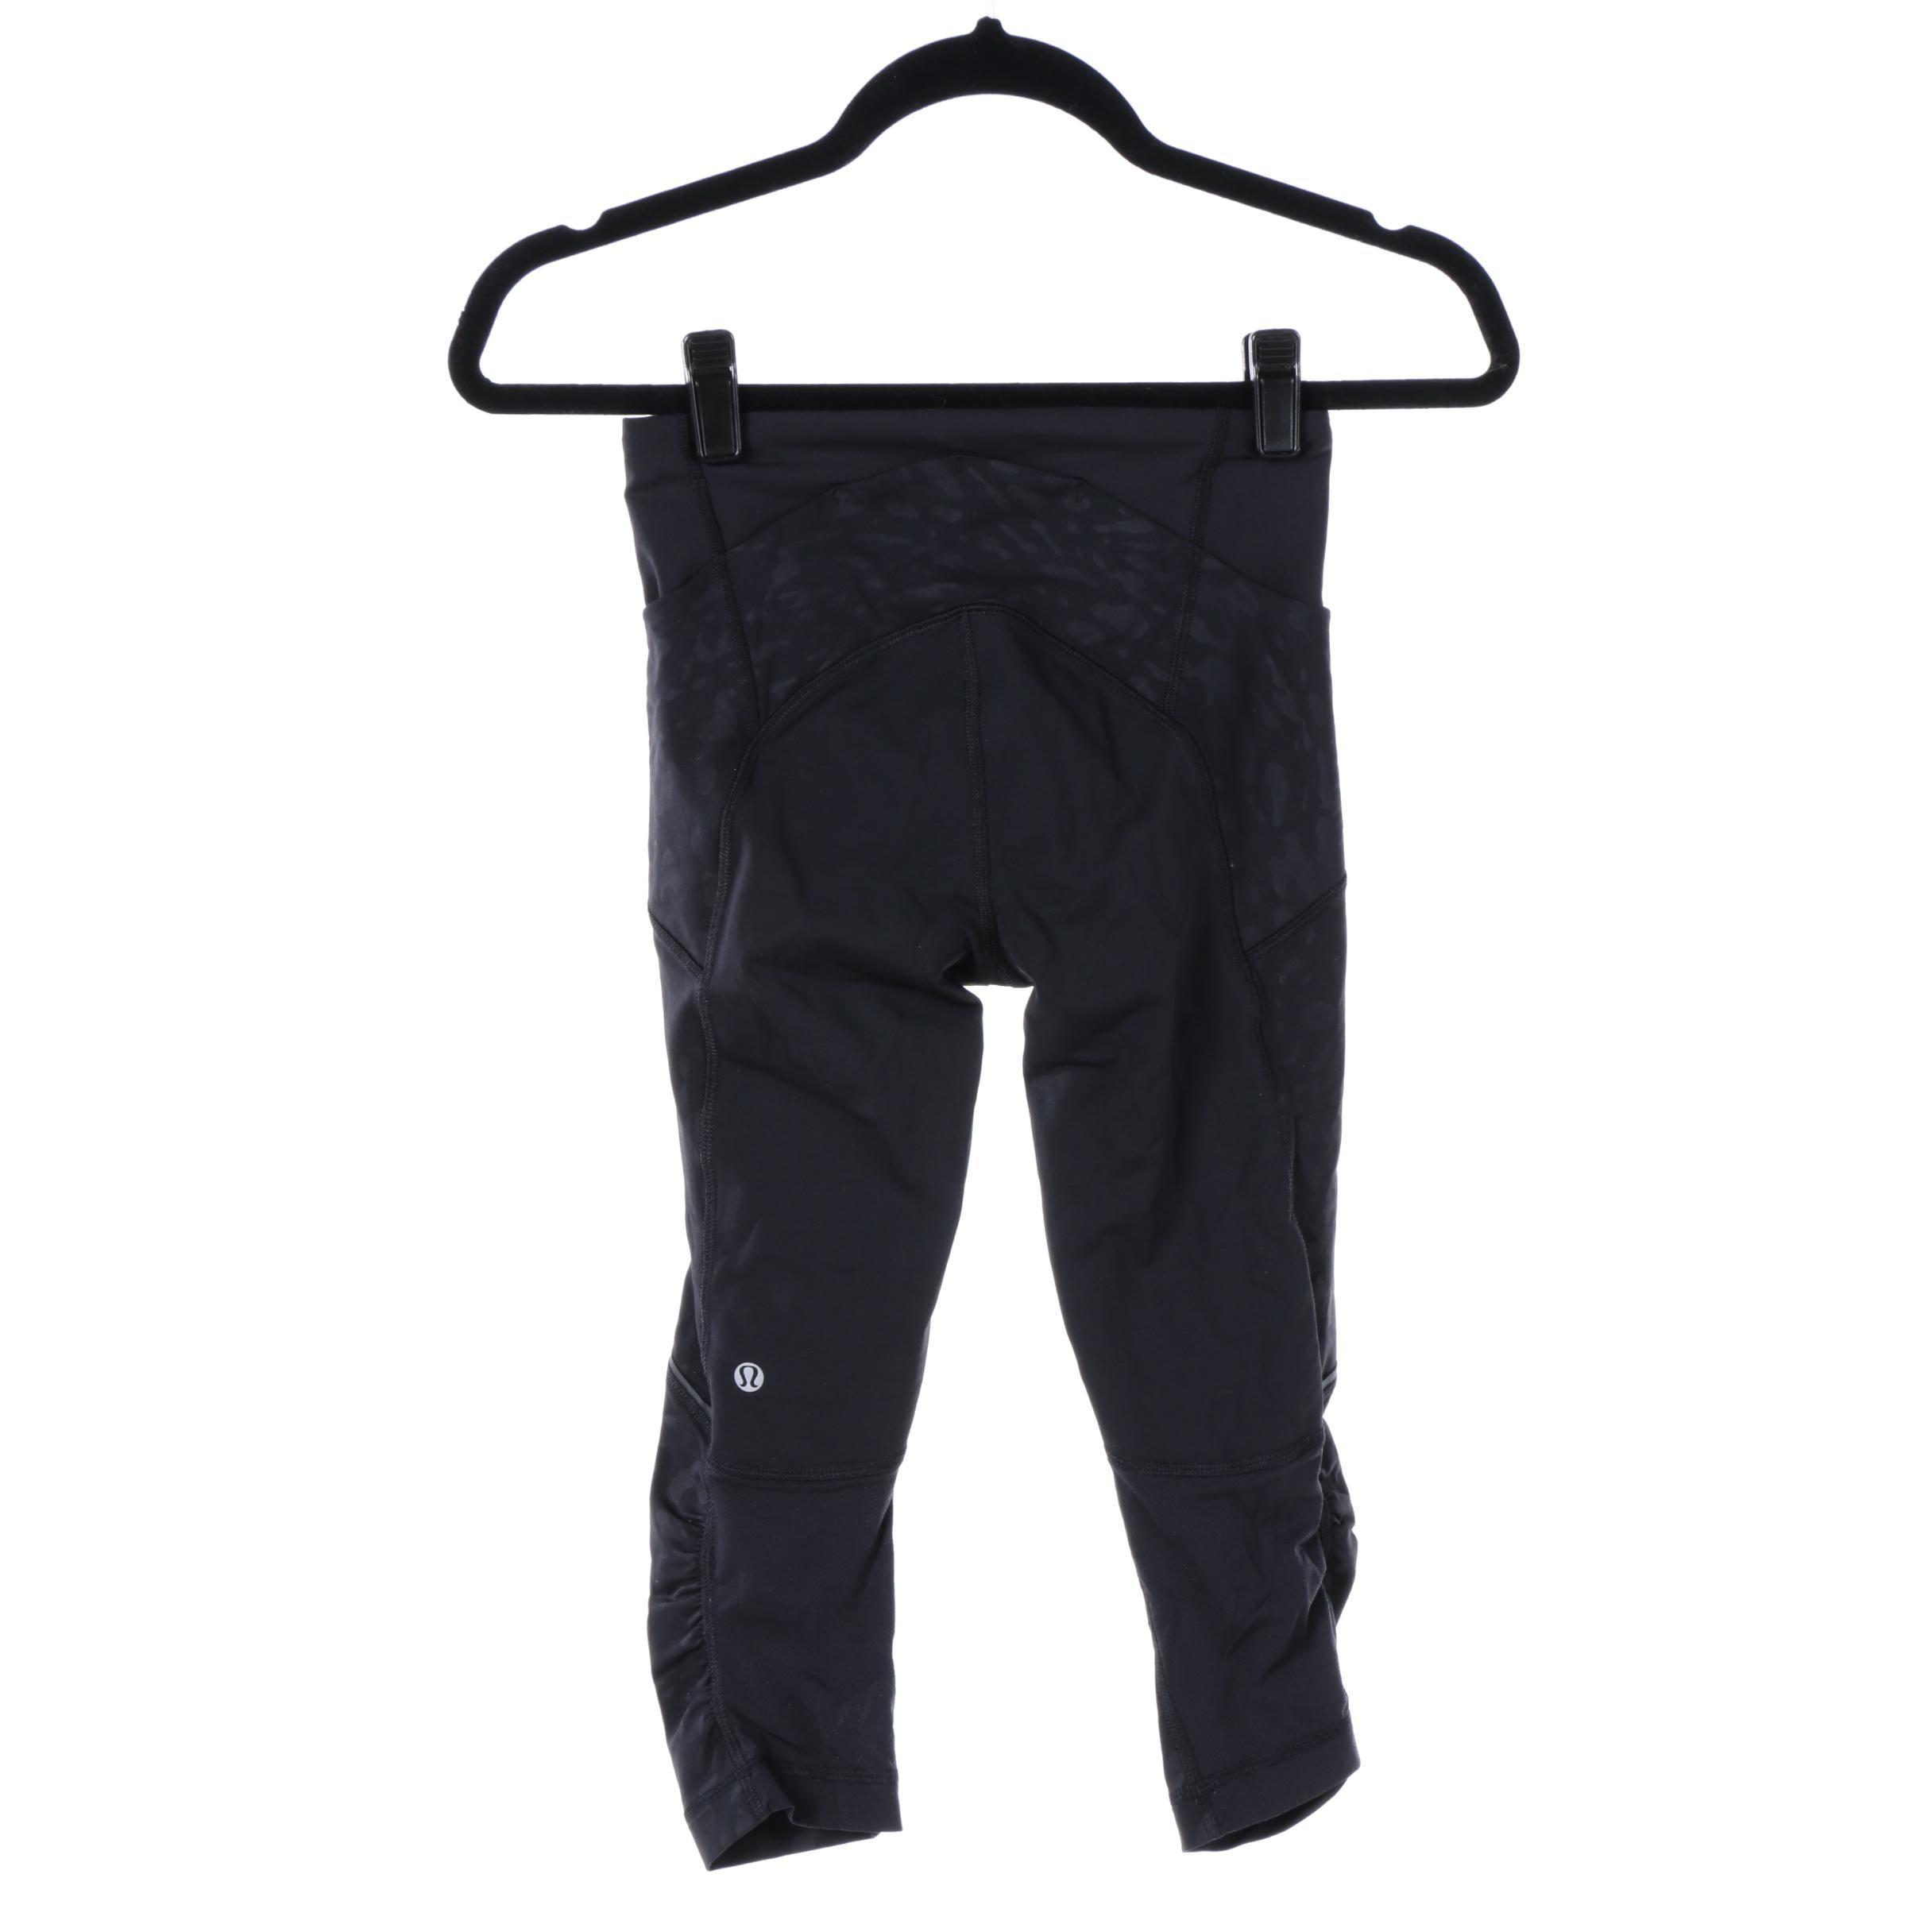 Women's Lululemon Cropped Exercise Pants